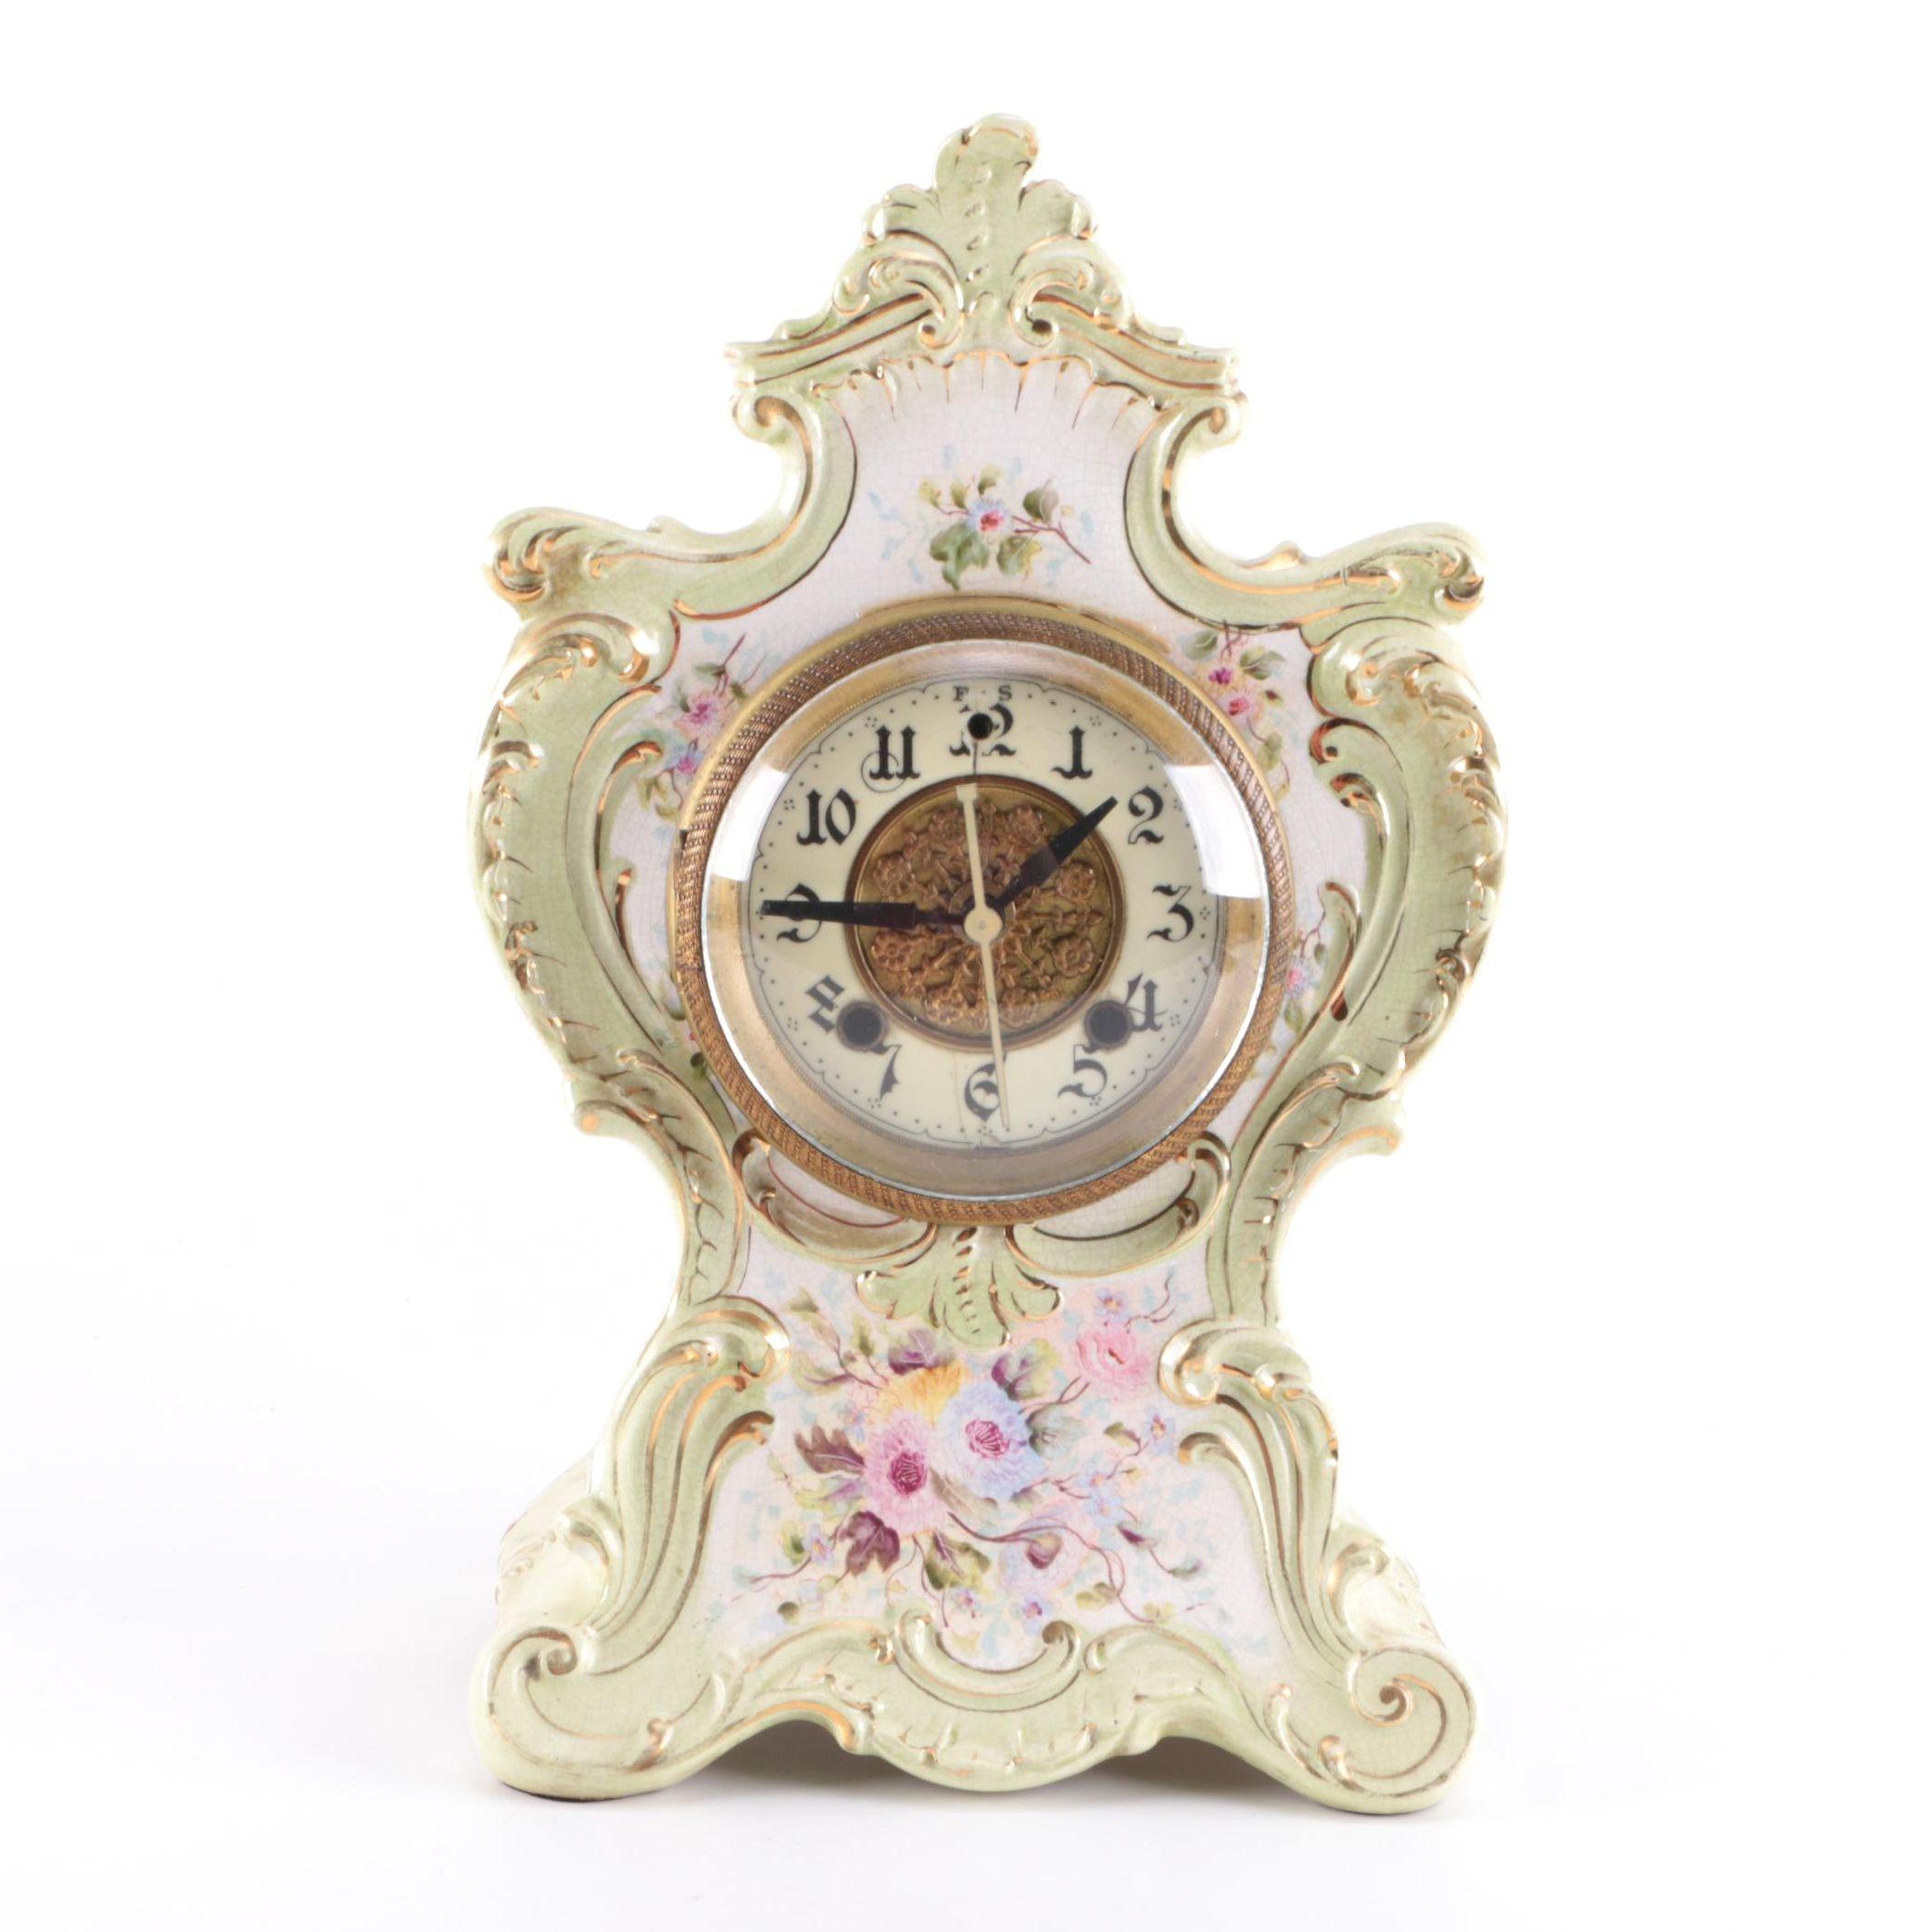 Decorative Ceramic Mantle Clock